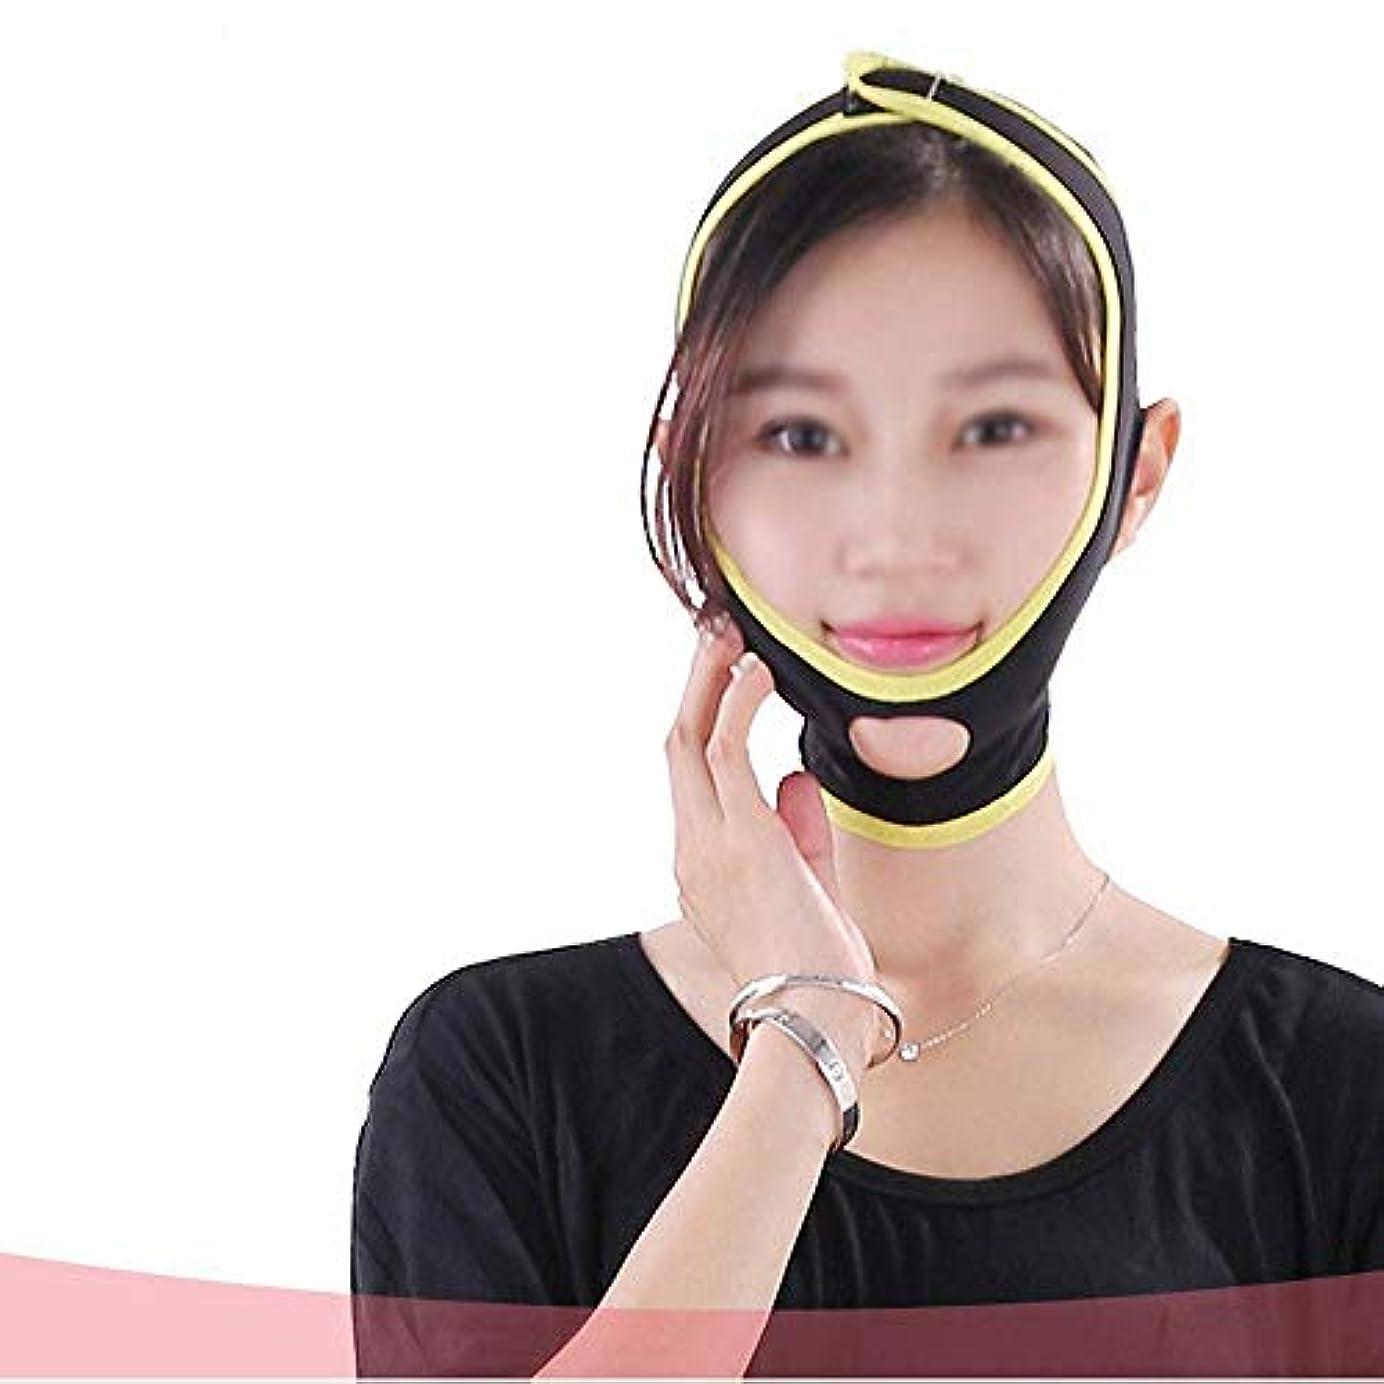 韻貧困主流睡眠用フェイスマスク、薄い顔の包帯、小さな顔Vの顔、薄い顔、フェイスリフト付き(サイズ:M)